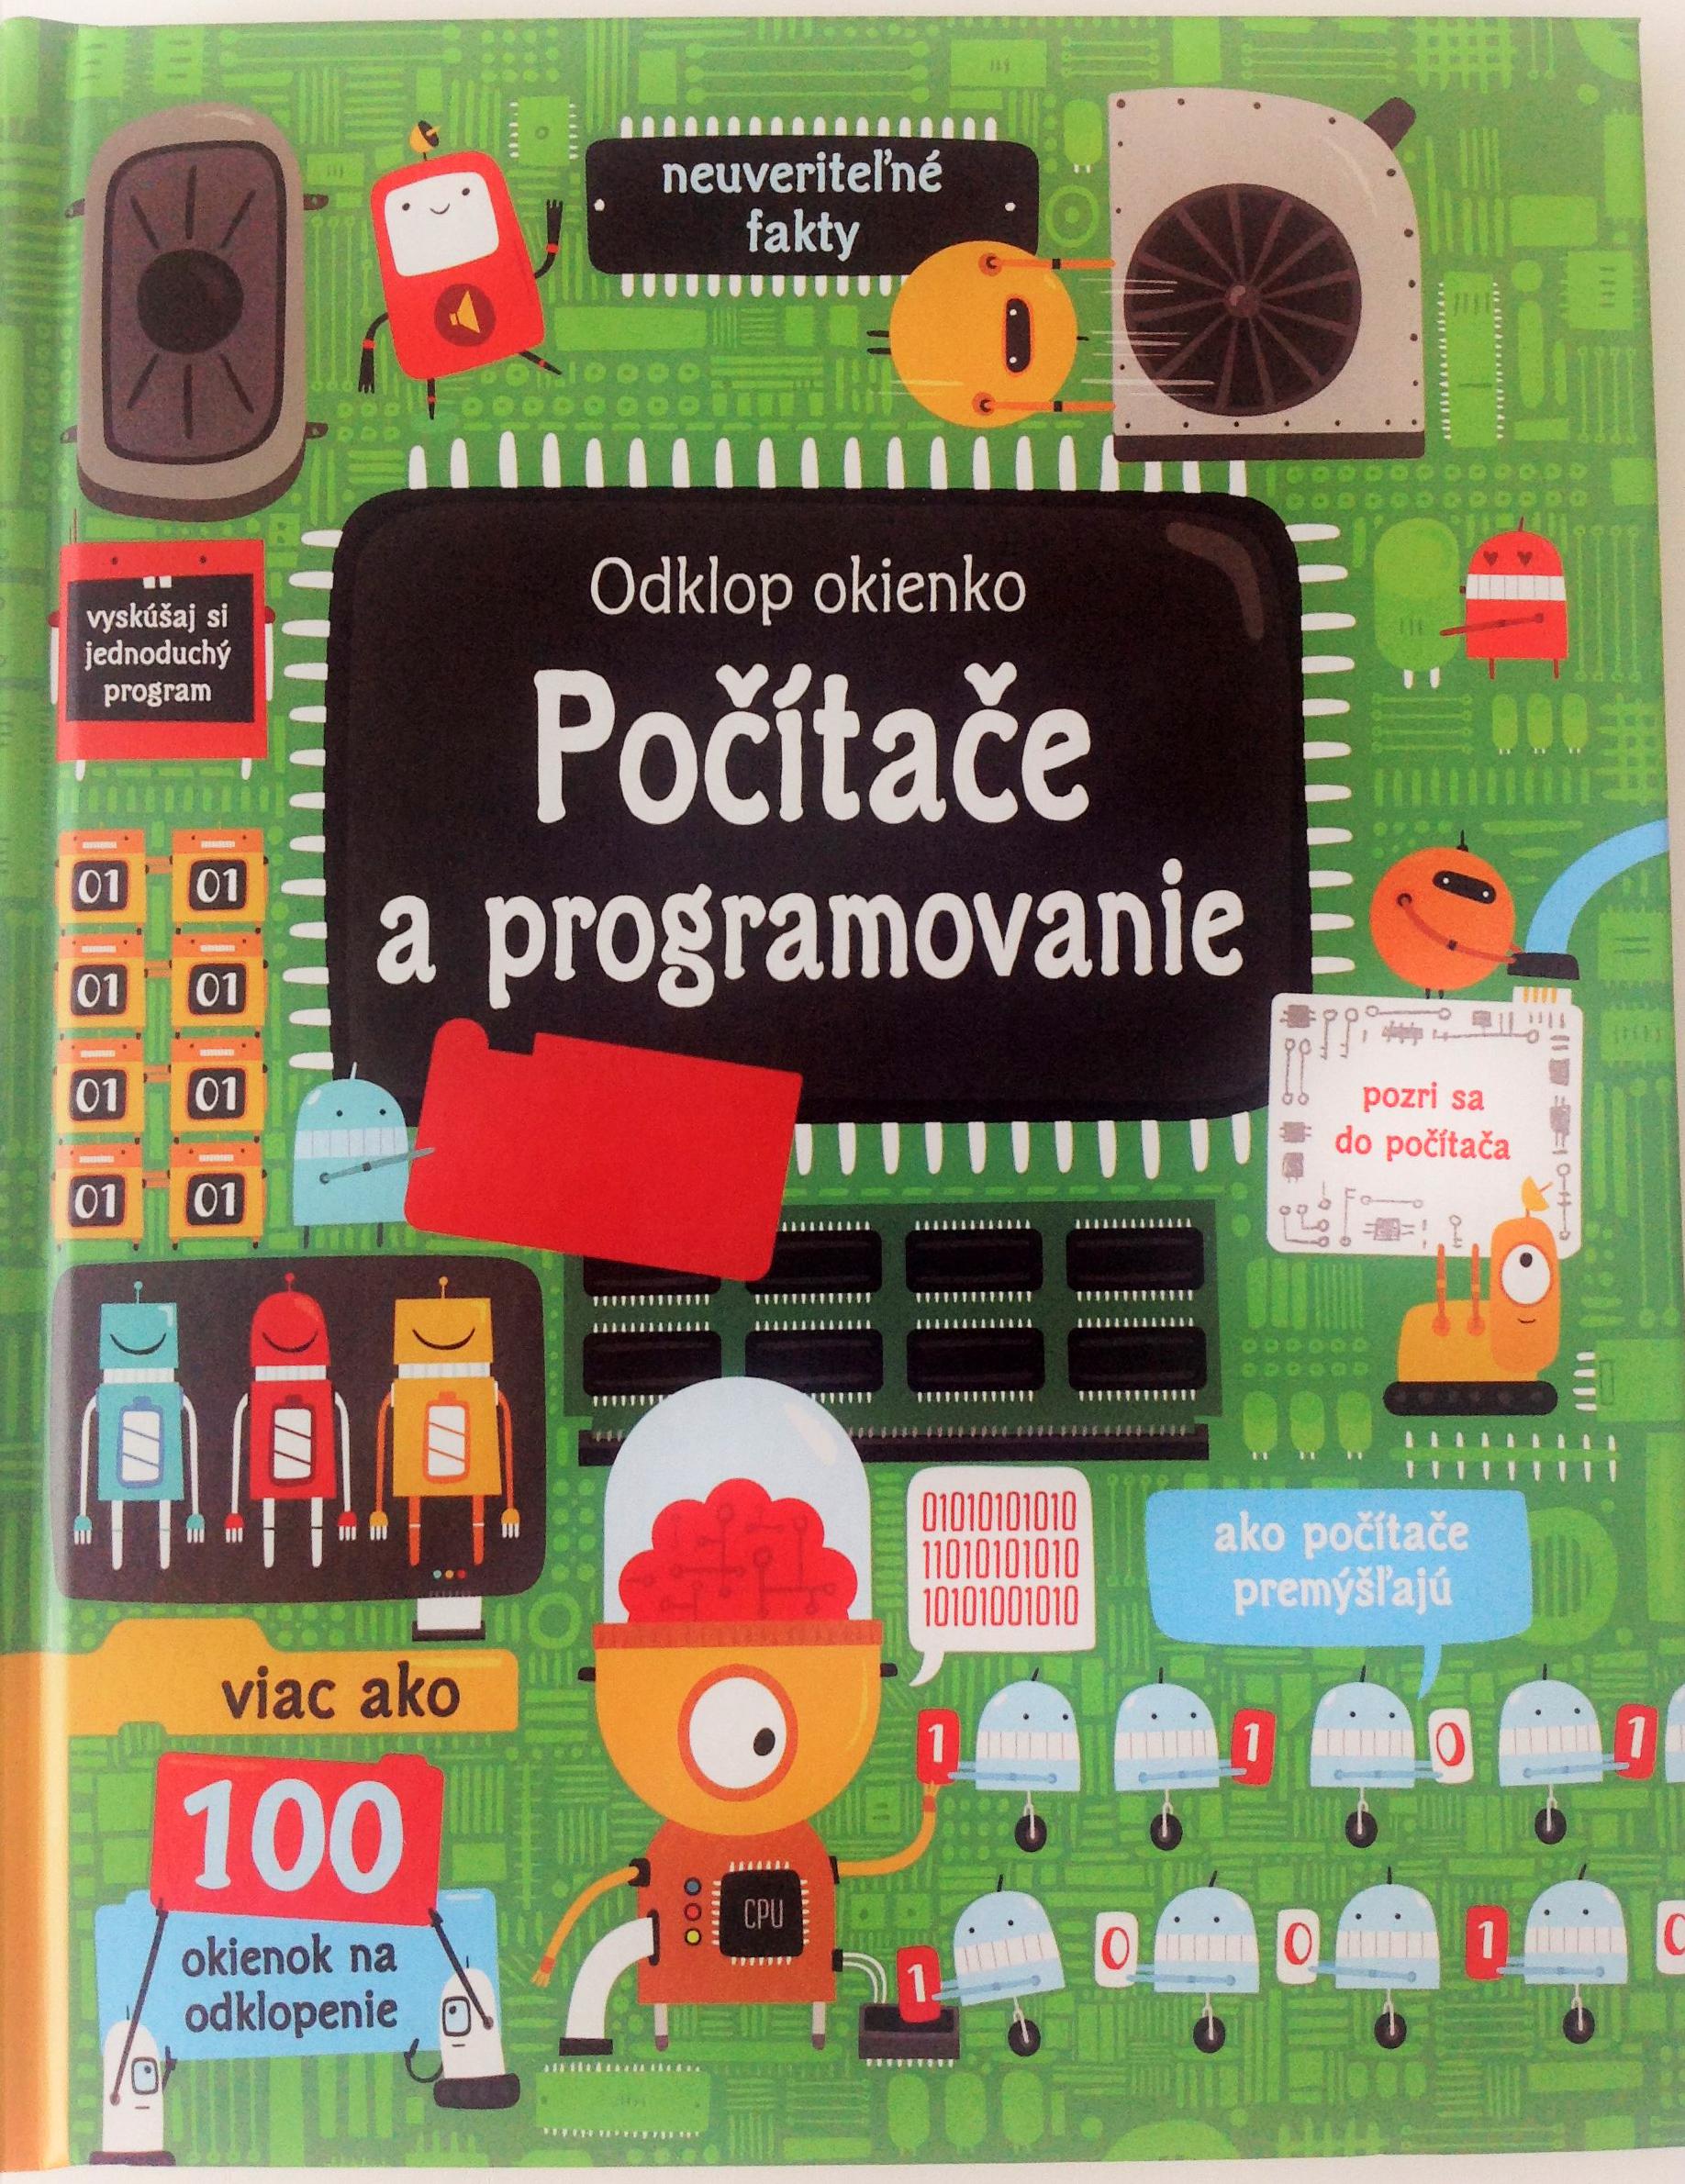 Počítače a programovanie - okienková knižka pre deti 6-10 rokov z vydavateľstva Svojtka